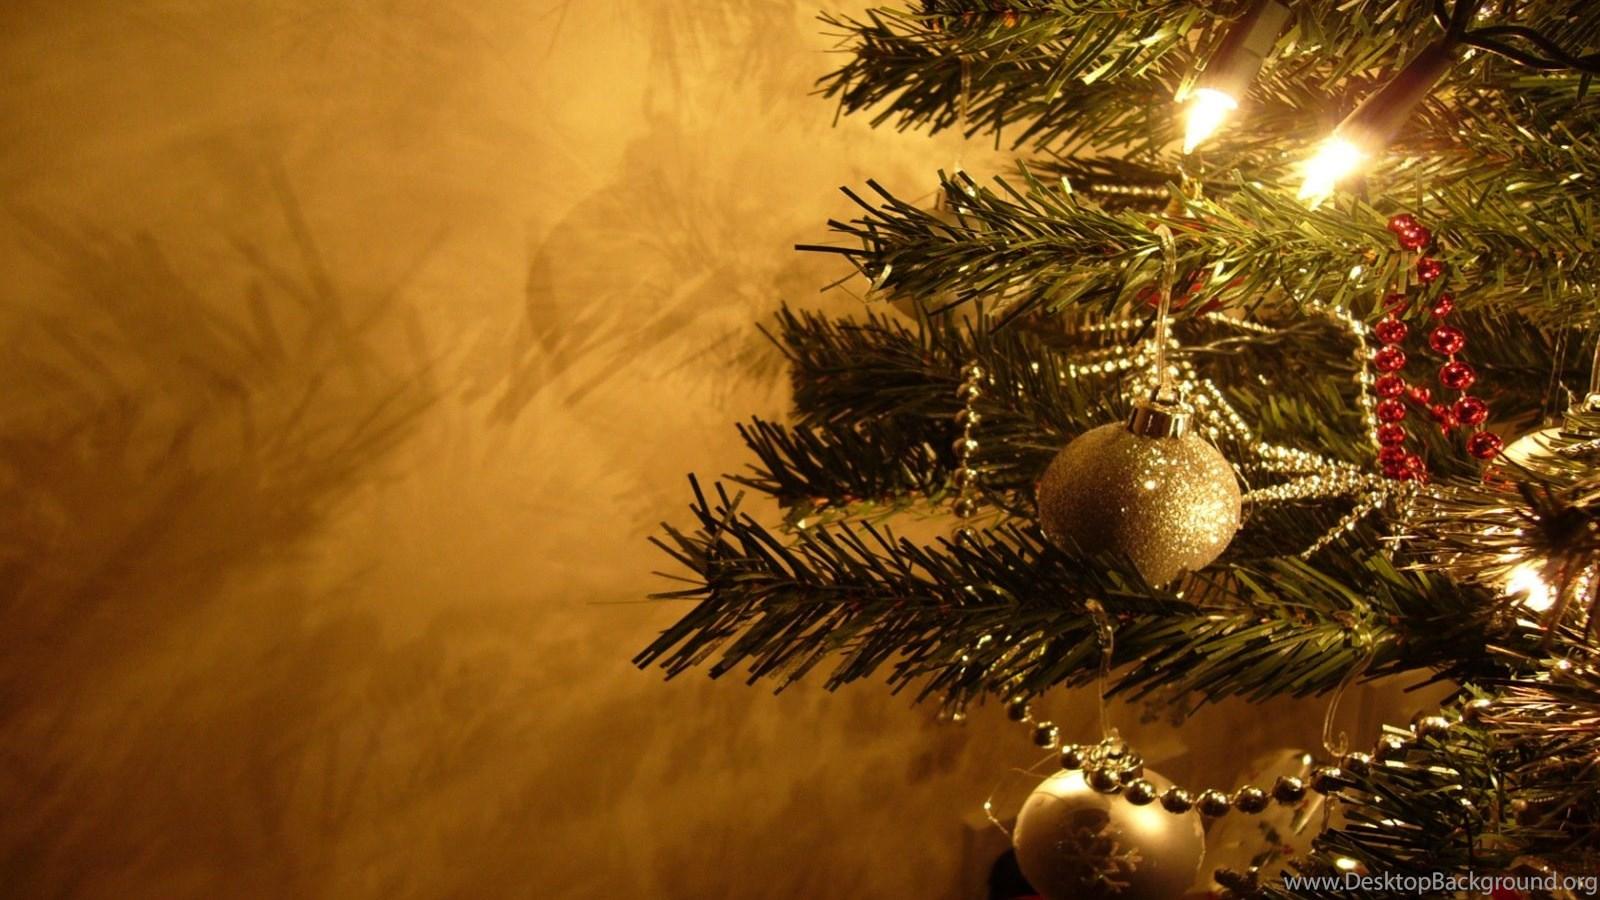 Cute Christmas Wallpaper Backgrounds Desktop Best Hd Desktop